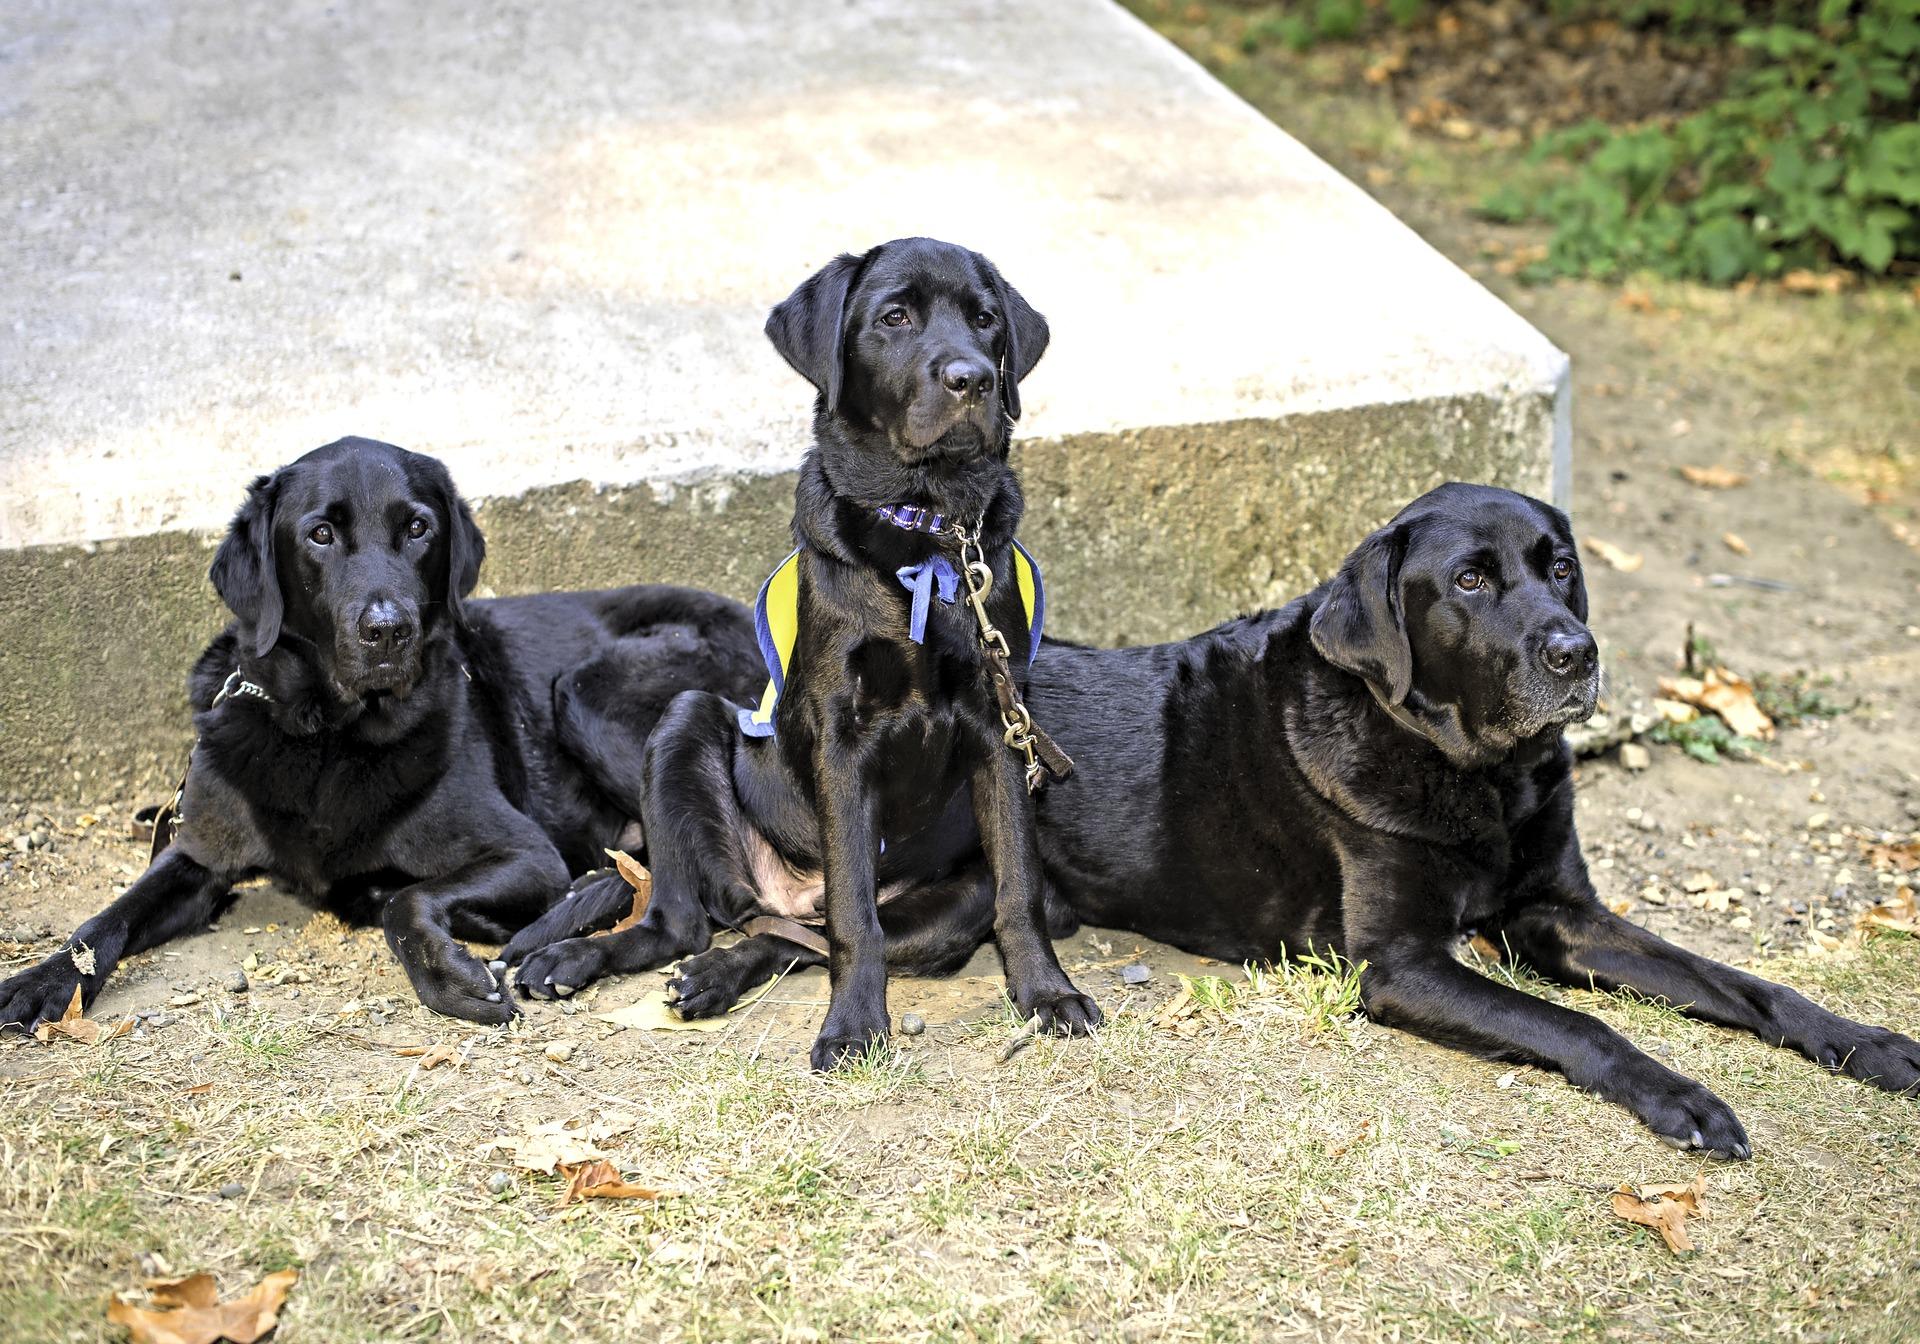 Labradory występują w trzech odmianach barwnych - biszkoptowym, jednolitym czarnym oraz brązowym. Ich sierść nie jest wymagająca, od czasu do czasu można ją przeczesać i wyskubać martwy włos. Labradory mają wodoodporny podszerstek.